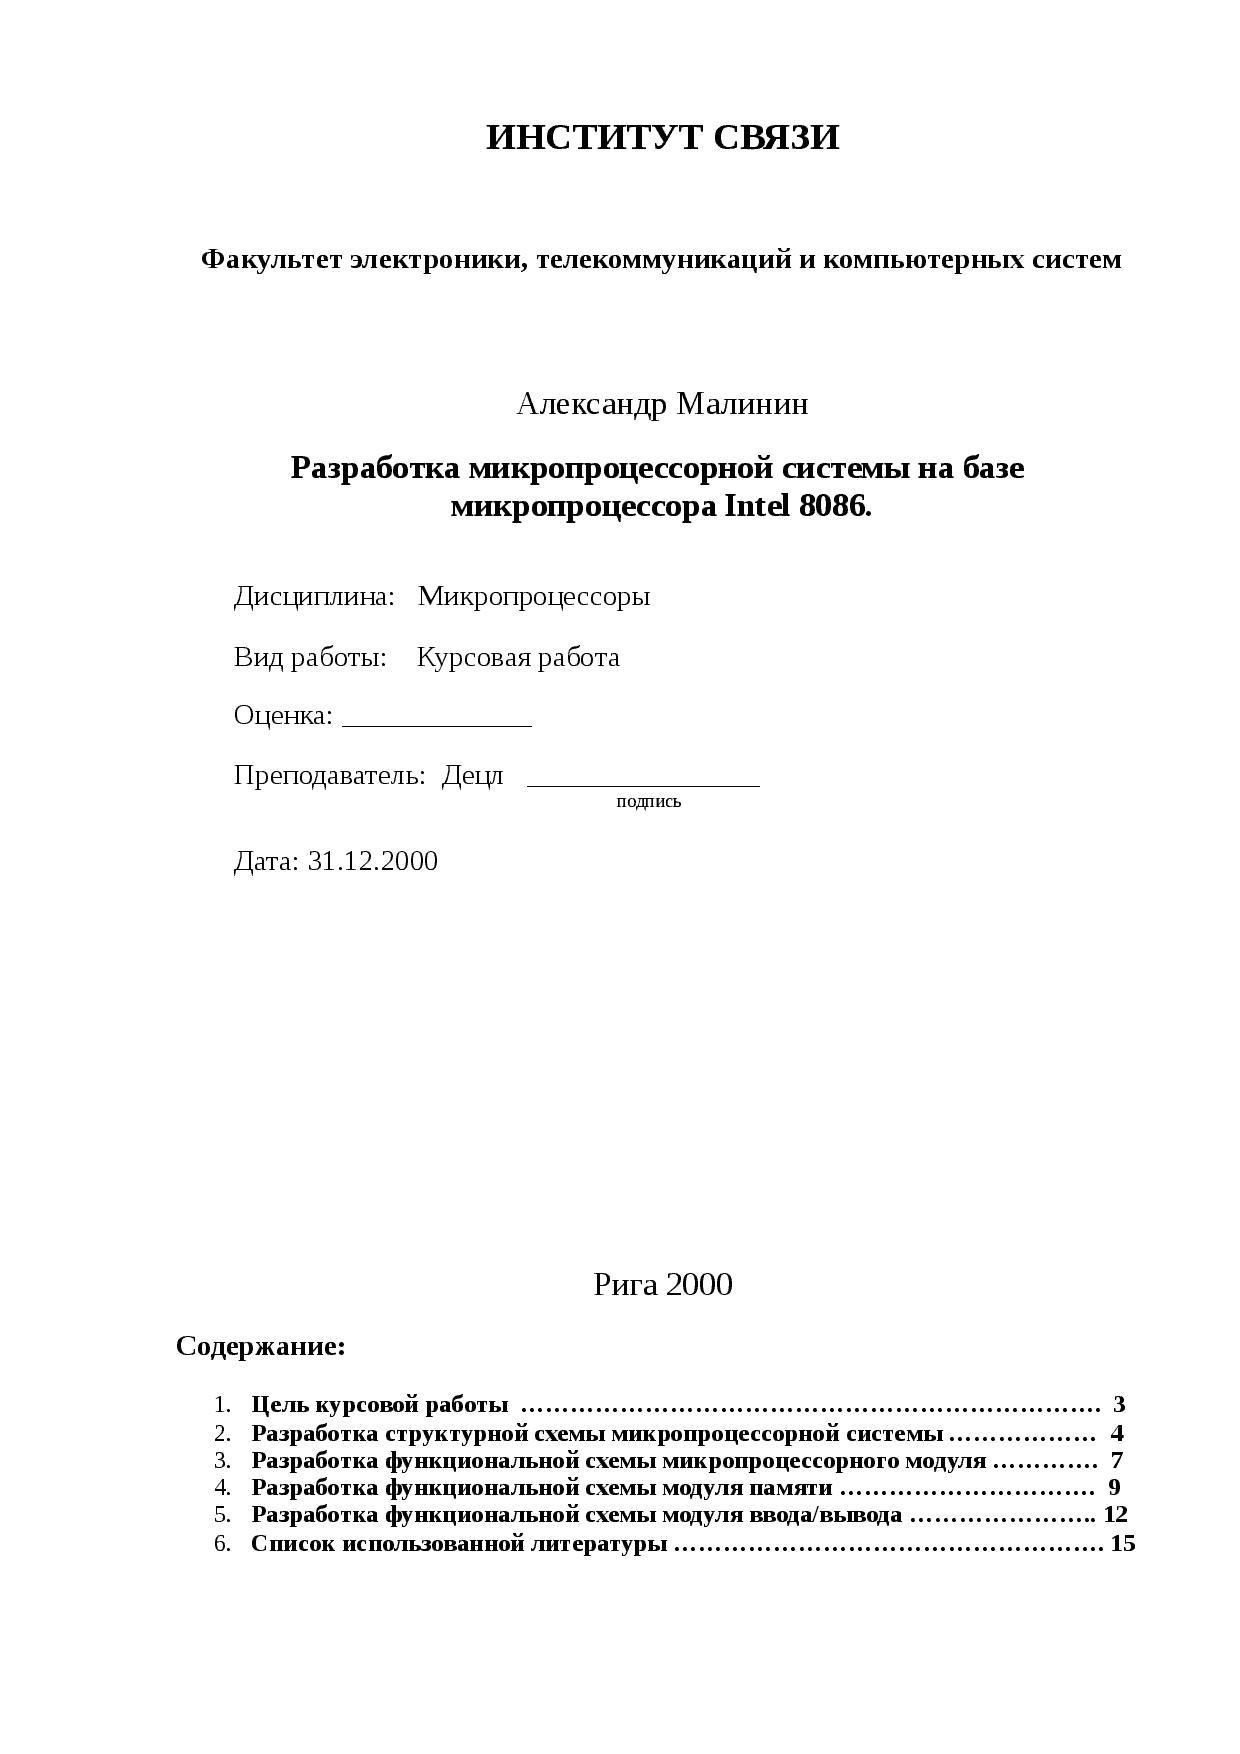 Министерство путей сообщения